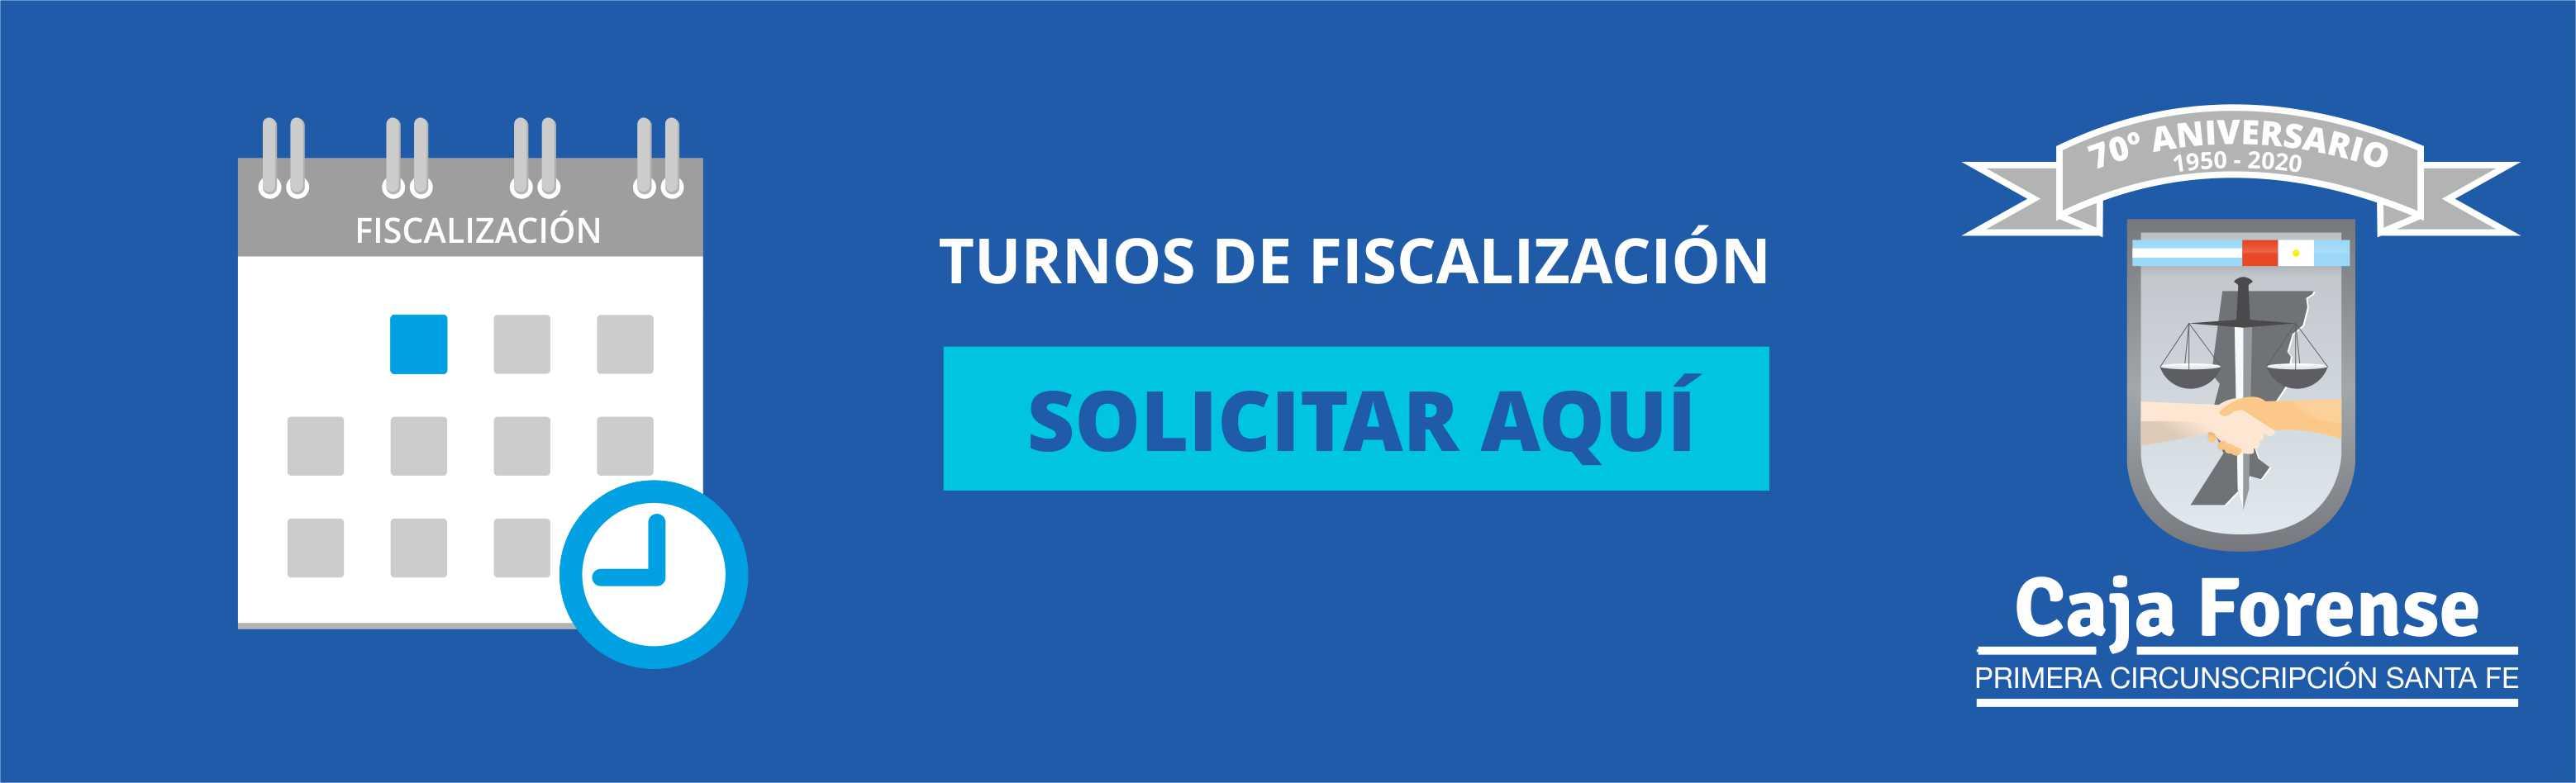 turno-fiscalización